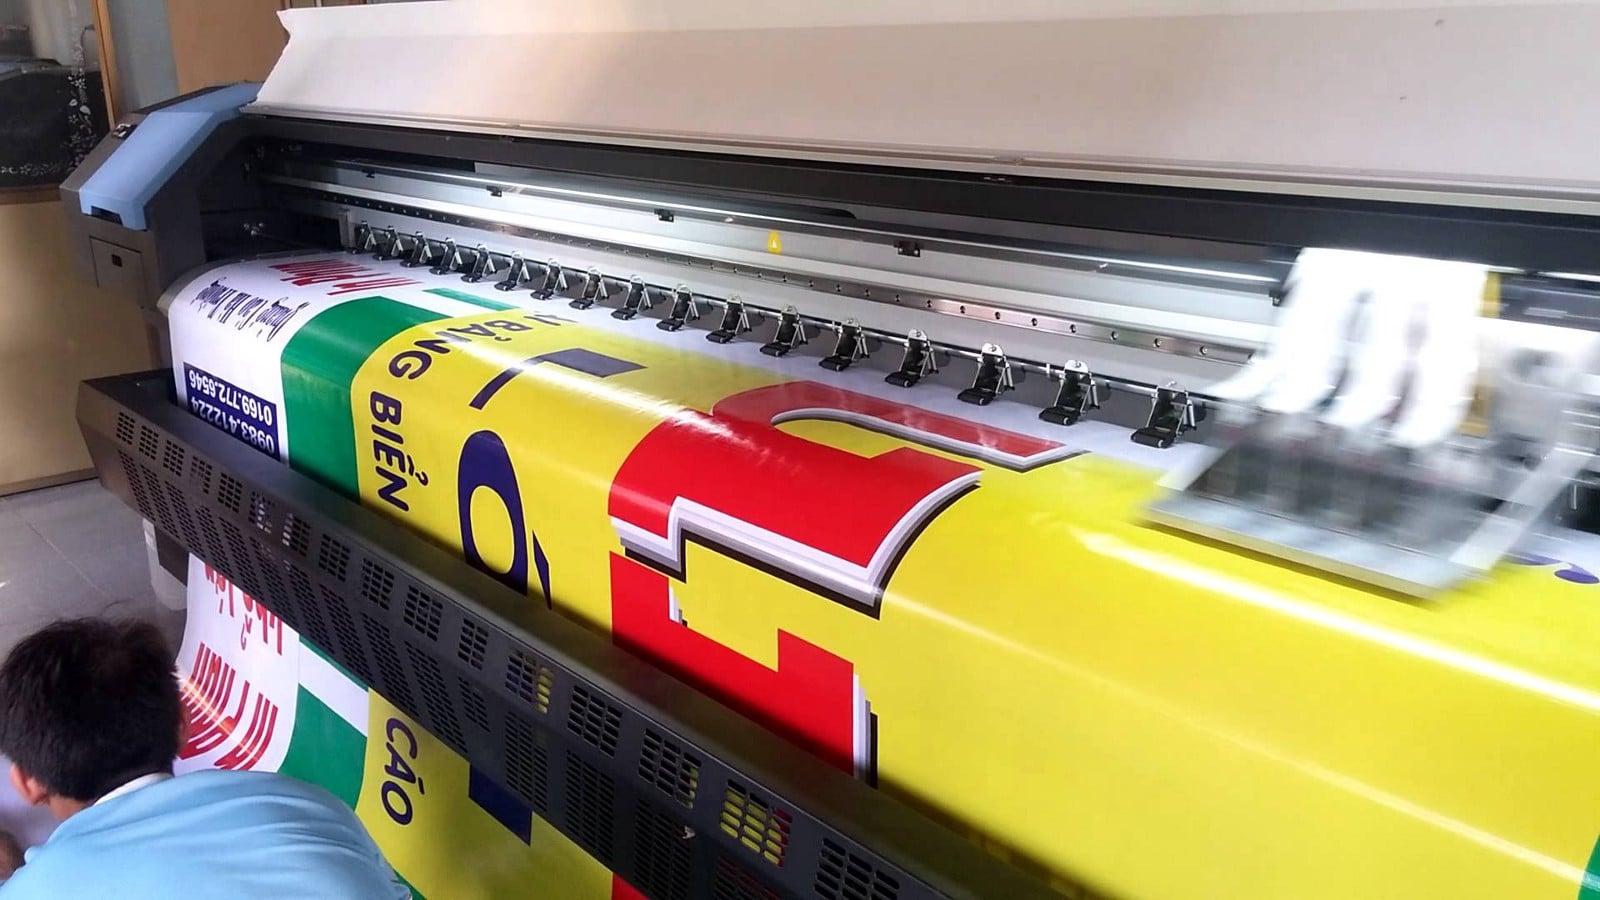 Xưởng In Hiflex quảng cáo - Chất liệu In Hiflex - Hình ảnh được chụp bởi NamVietAd.com